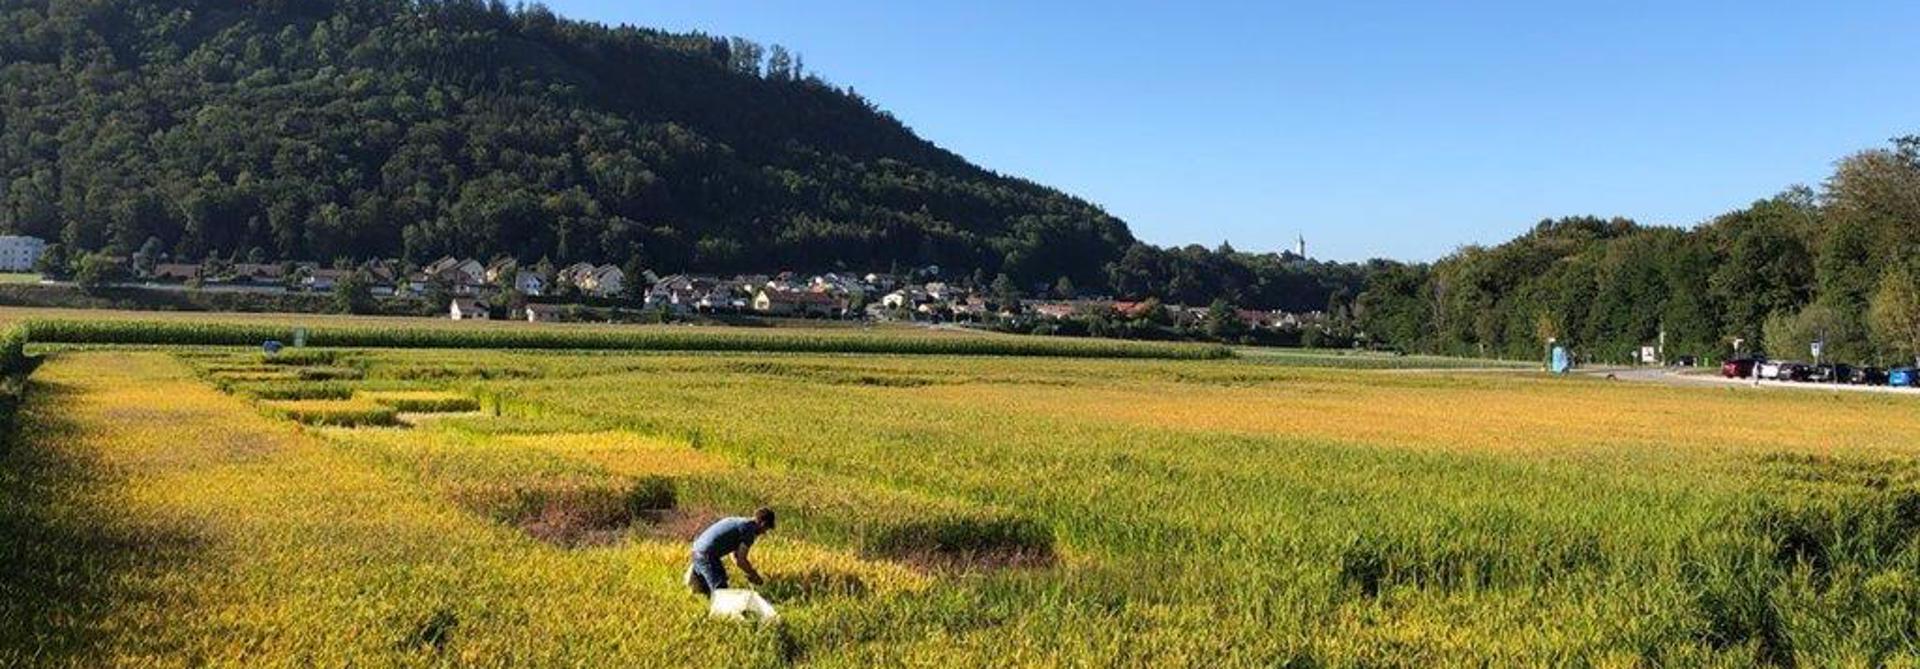 Reissortenversuch im Wasserschloss im Kanton Aargau (Bild: Katja Jacot, Agroscope)>